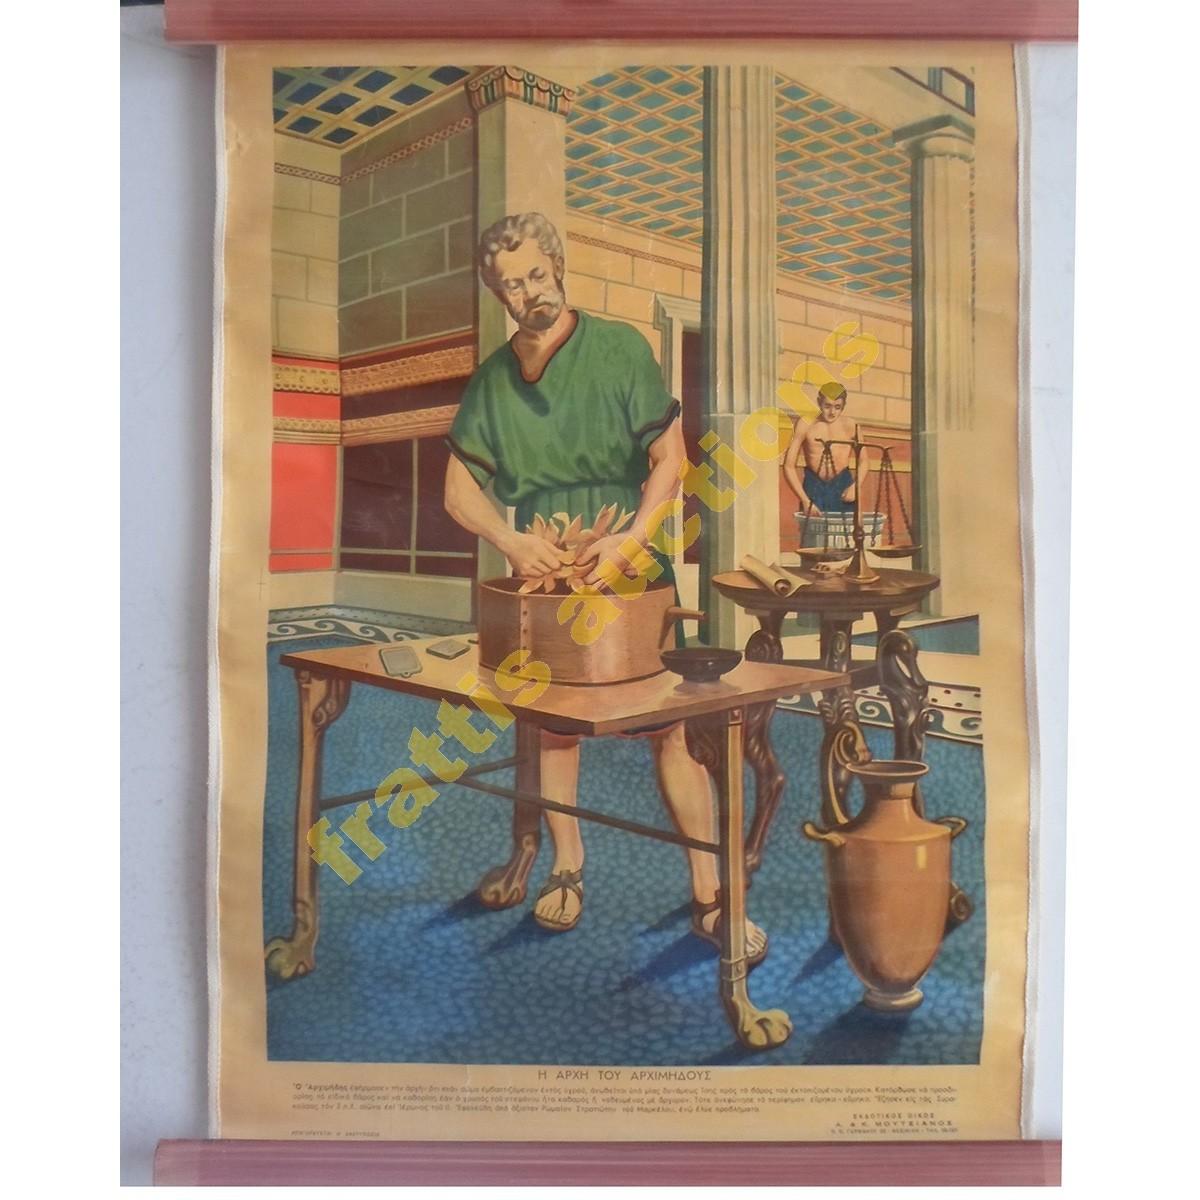 Η αρχή του Αρχιμήδους, σχολικό poster.1950